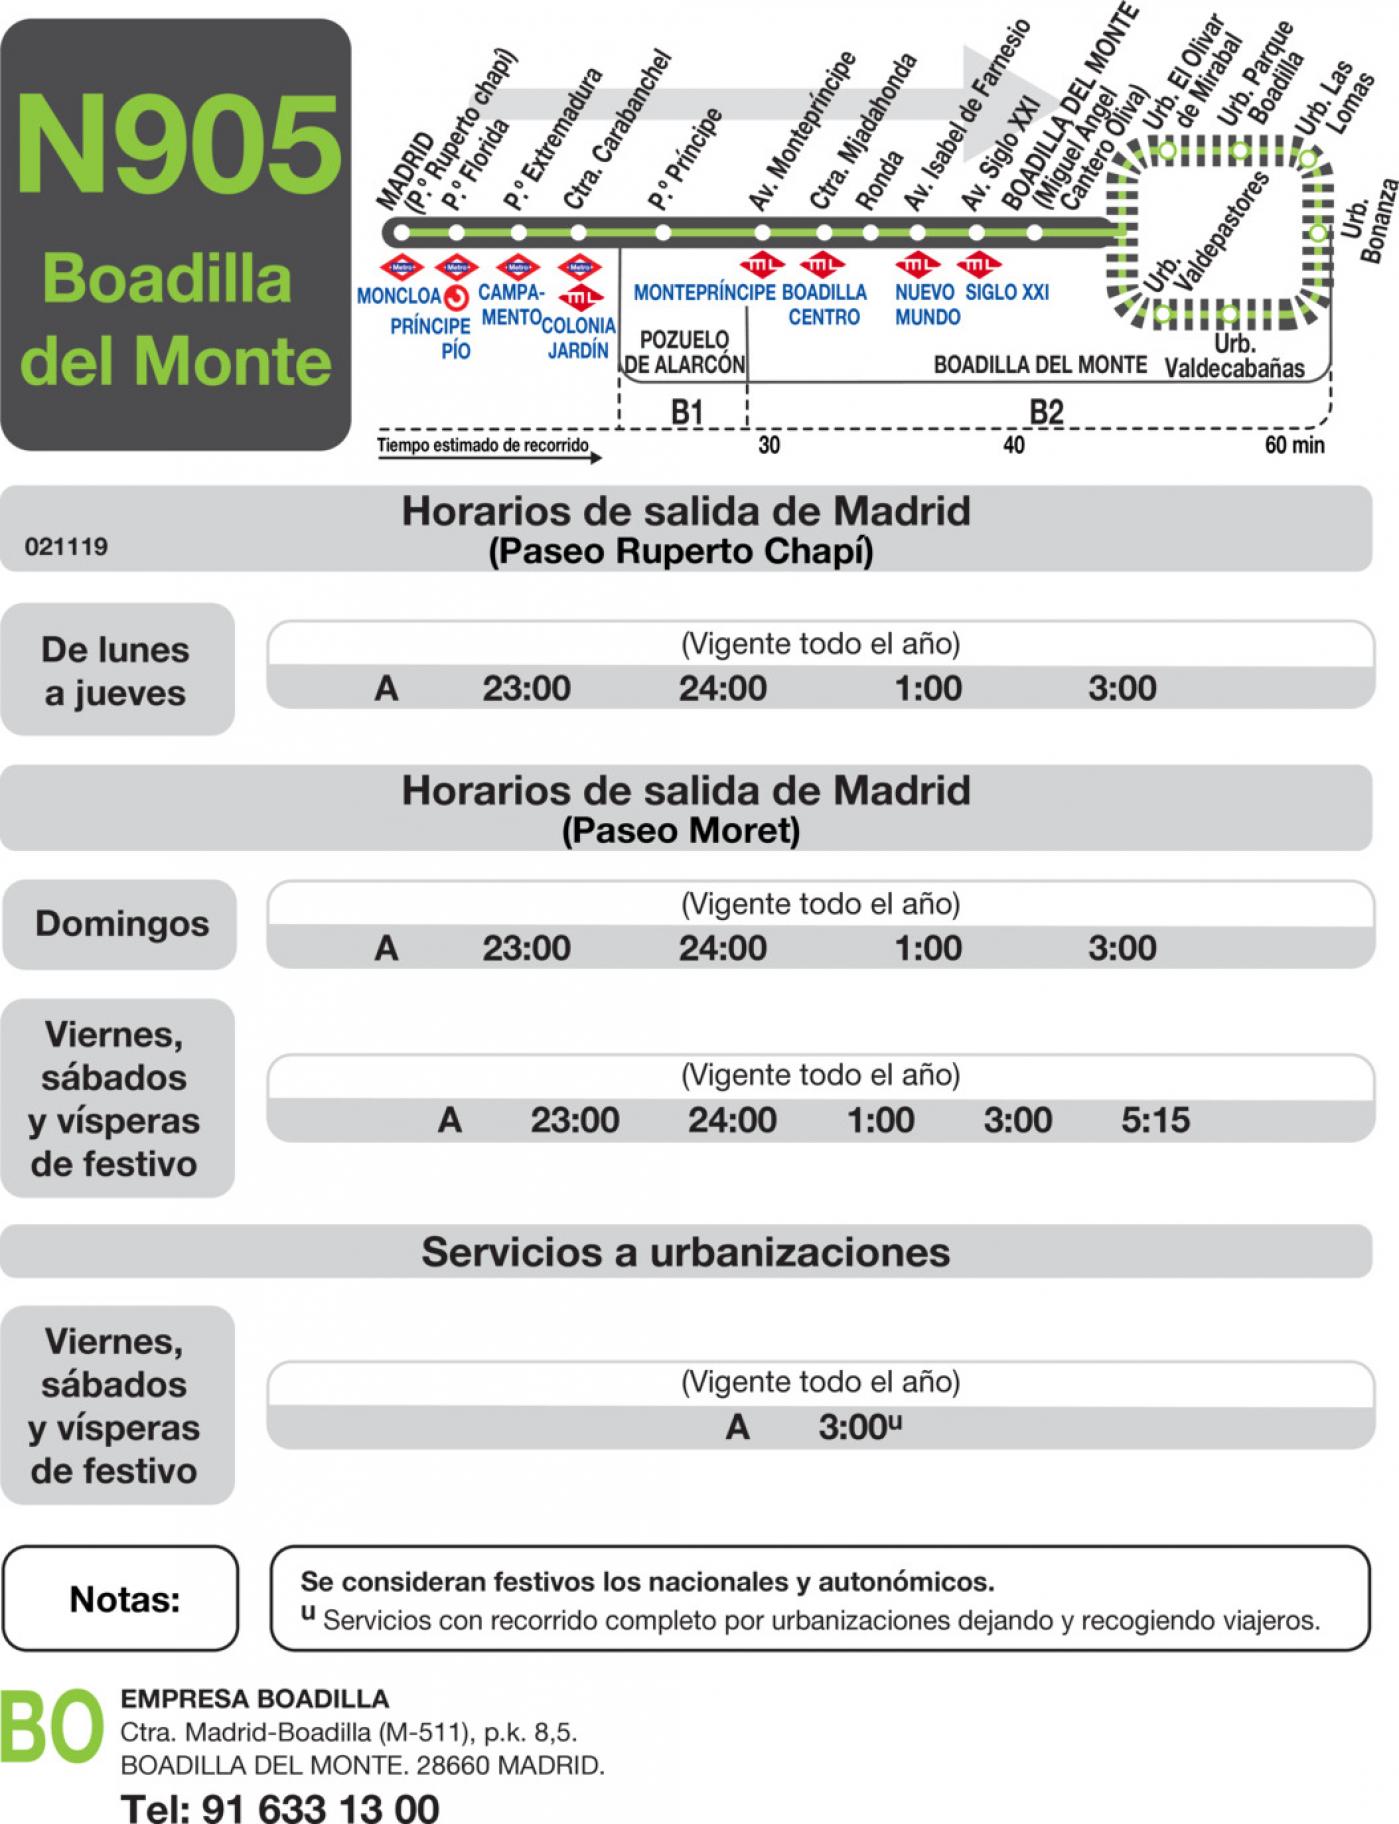 Tabla de horarios y frecuencias de paso en sentido ida Línea N-905: Madrid (Moncloa) - Boadilla del Monte